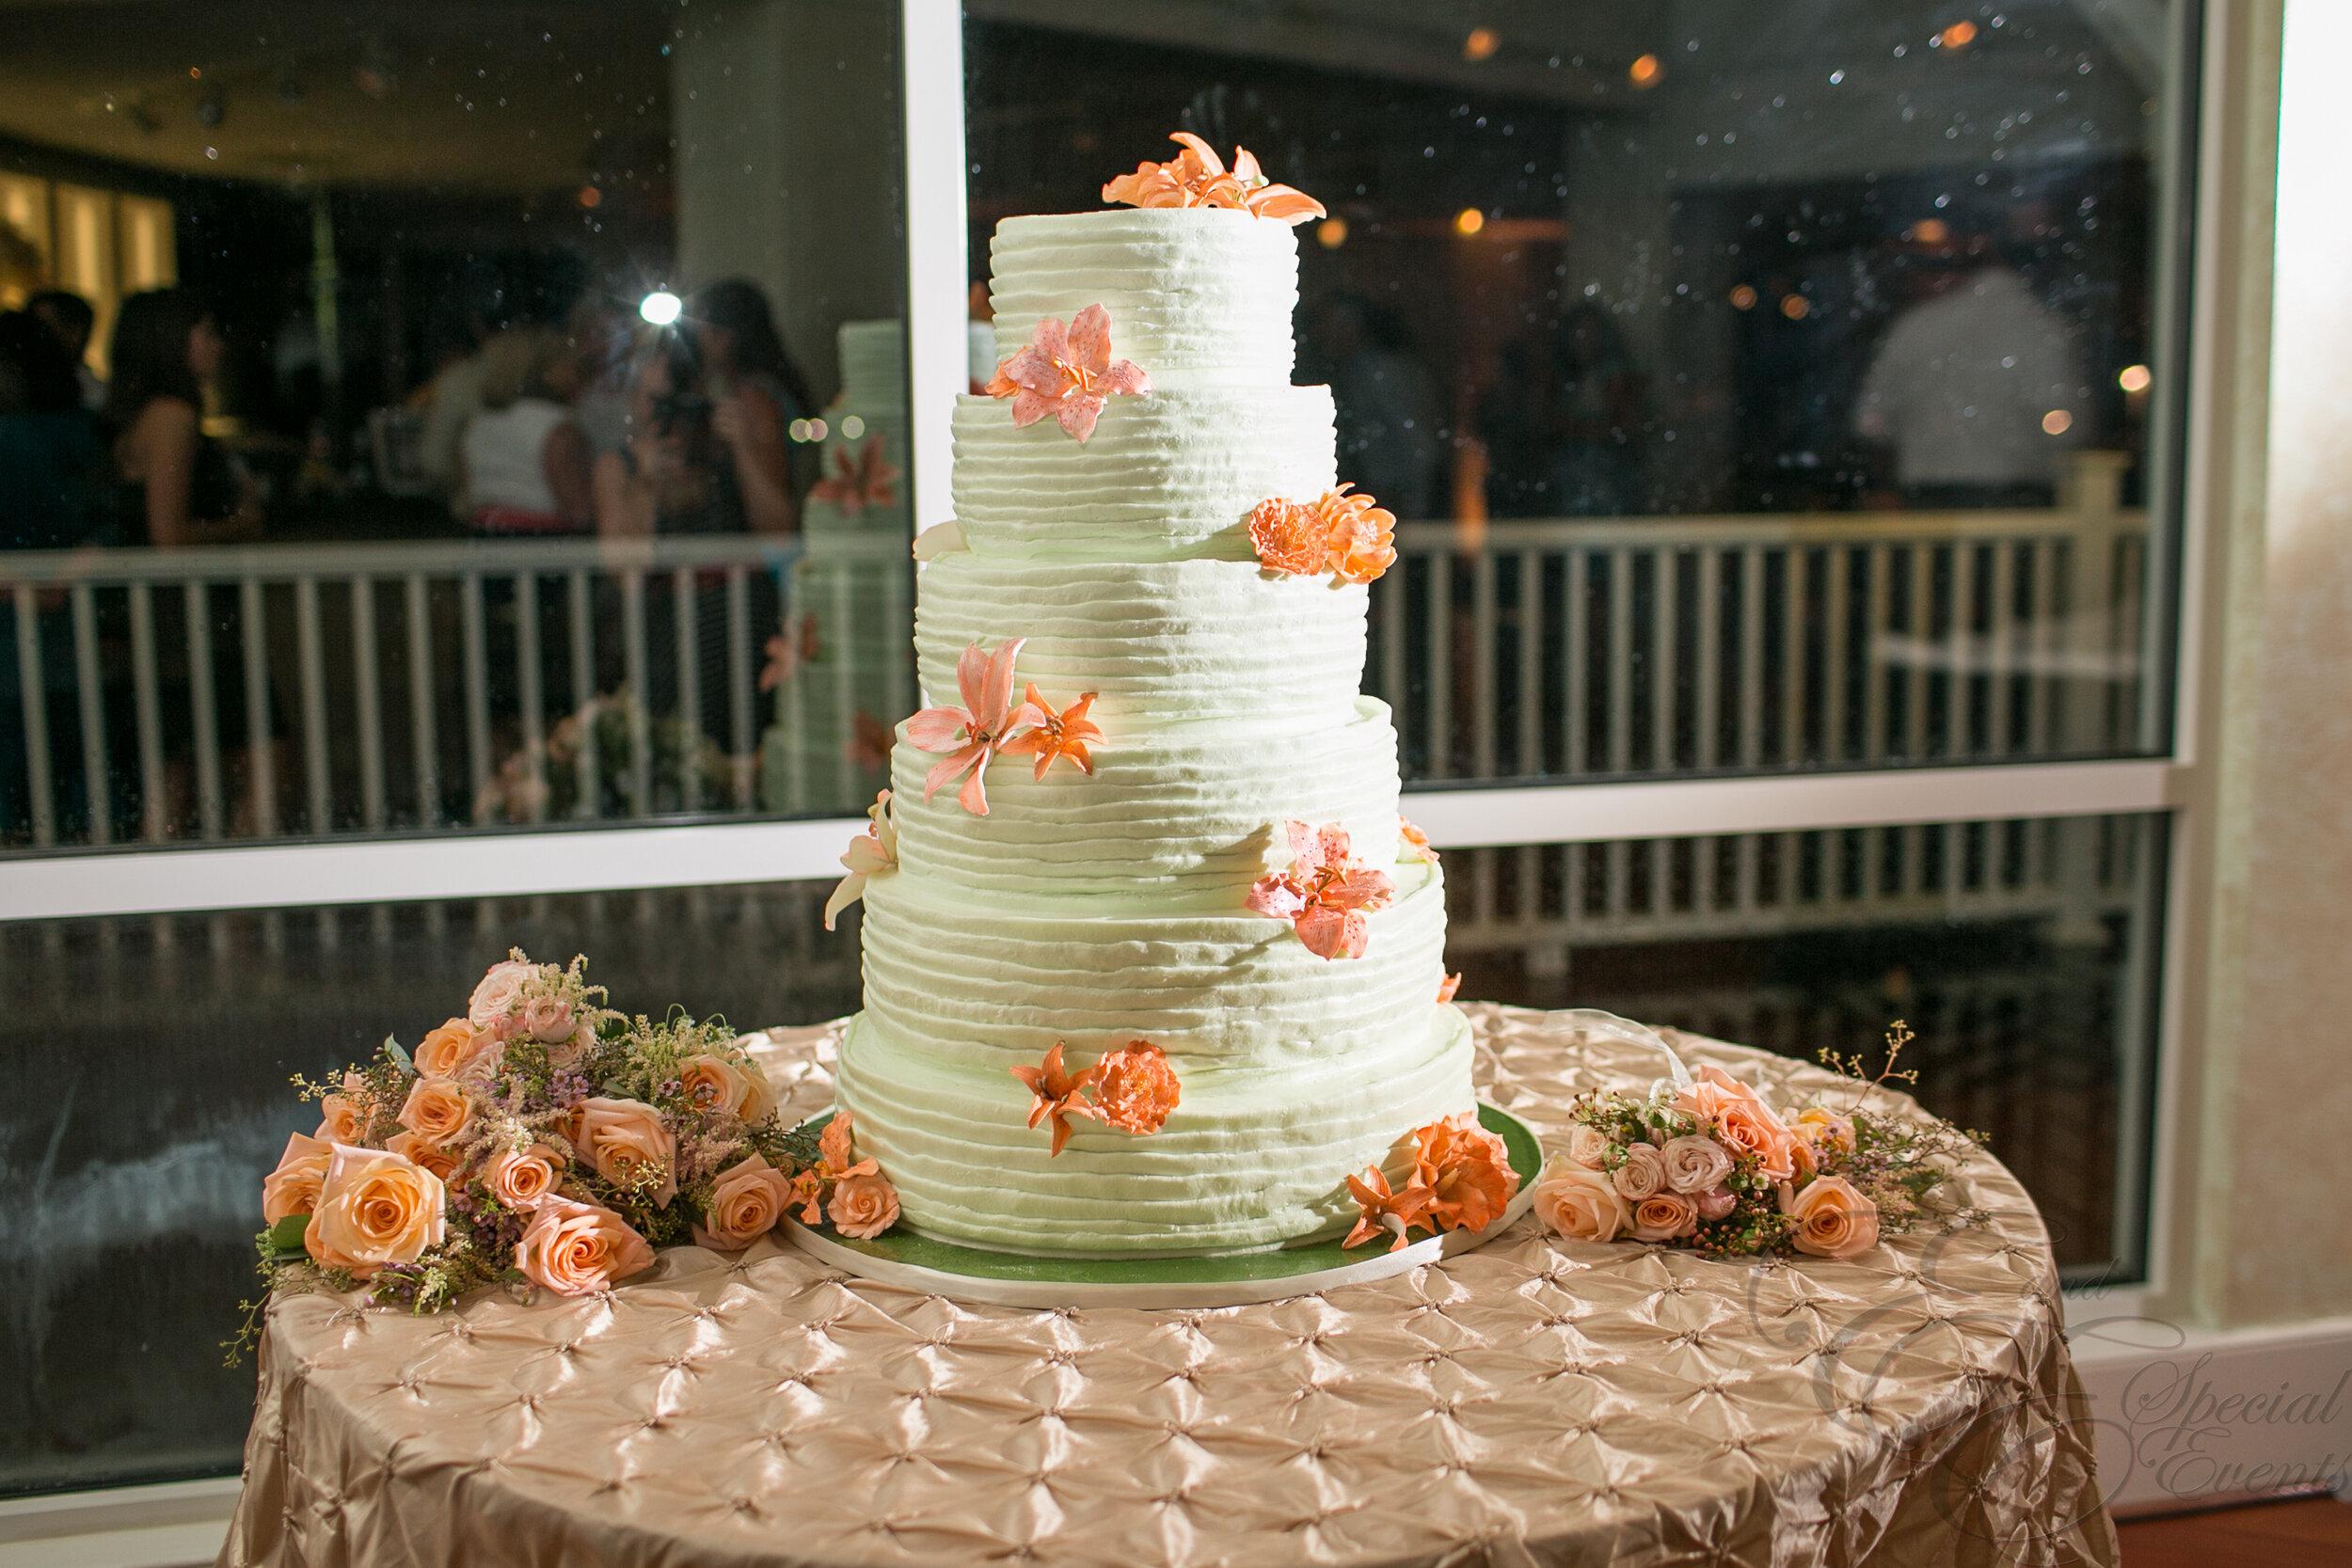 wedding_cakes_E_and_E_Special_Events_virginia_beach_53.jpg